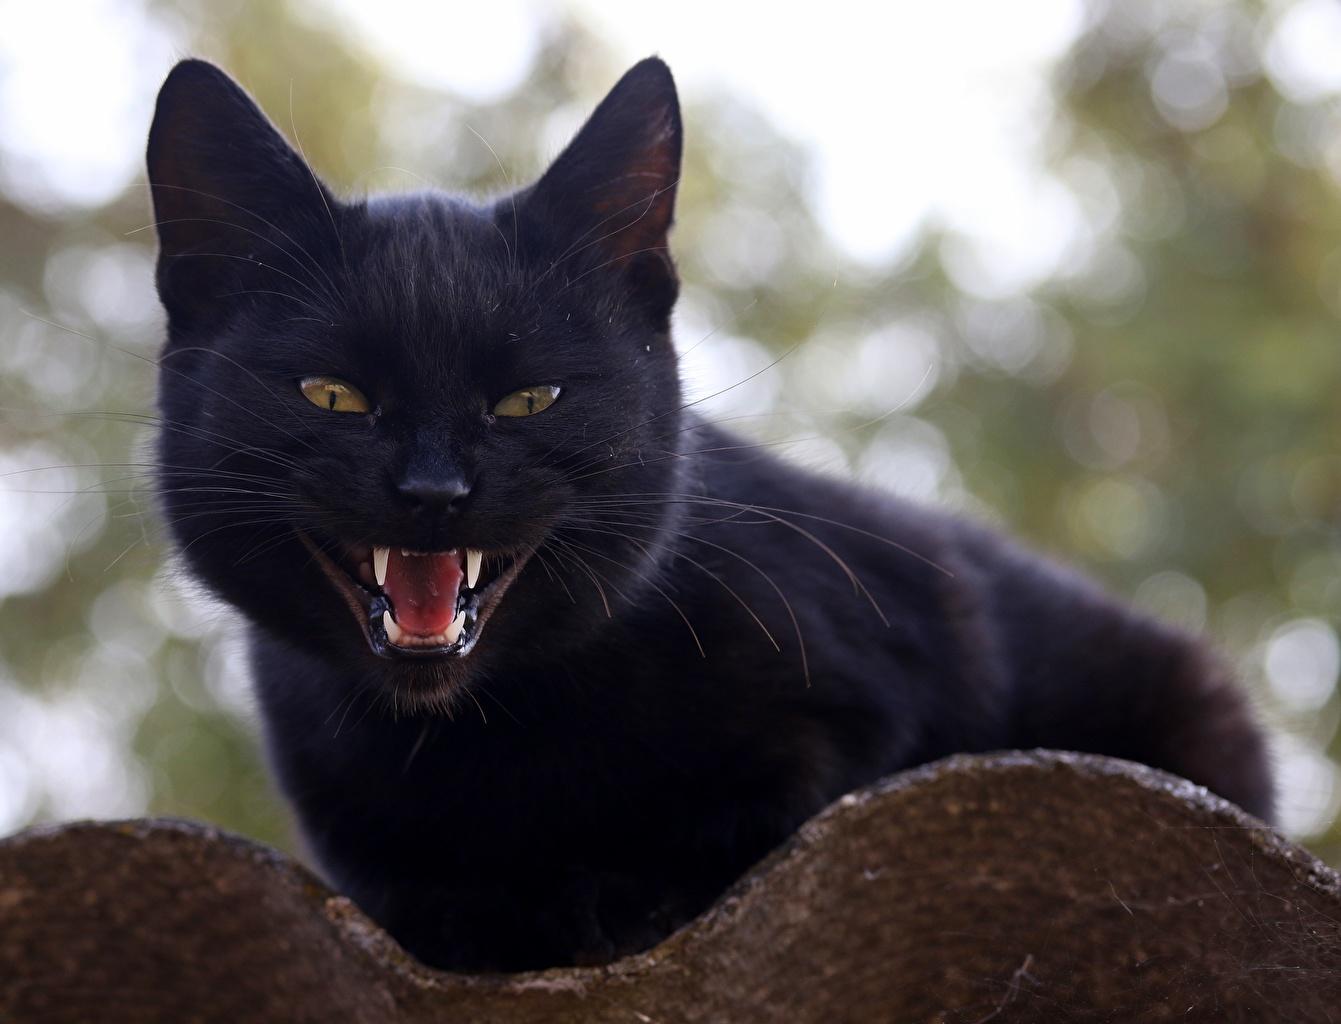 Фото Кошки Клыки черная Взгляд животное кот коты кошка черных черные Черный смотрит смотрят Животные